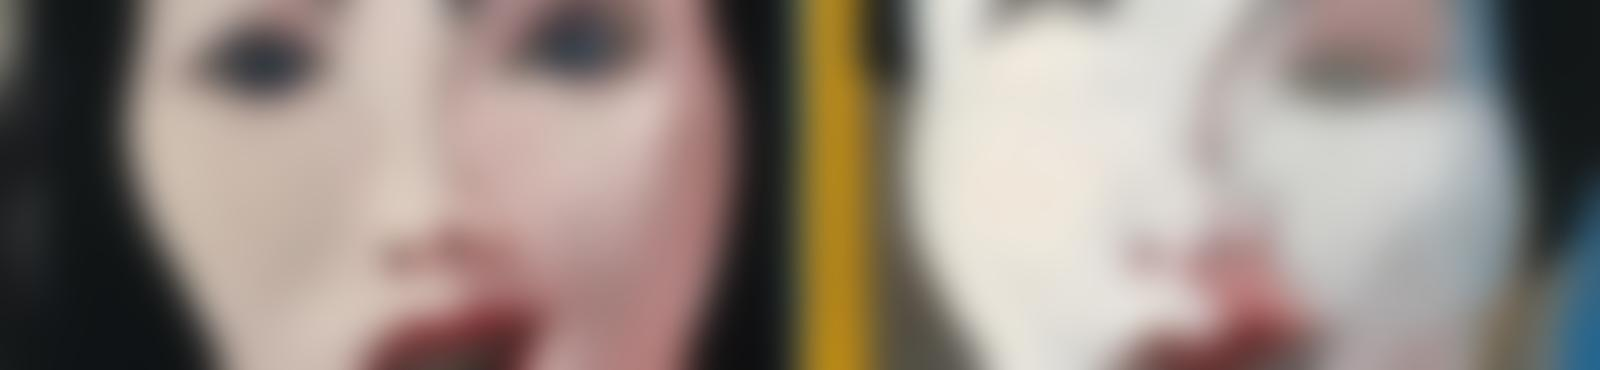 Blurred 7cda6854 a759 40b1 9358 608d0e6e355a